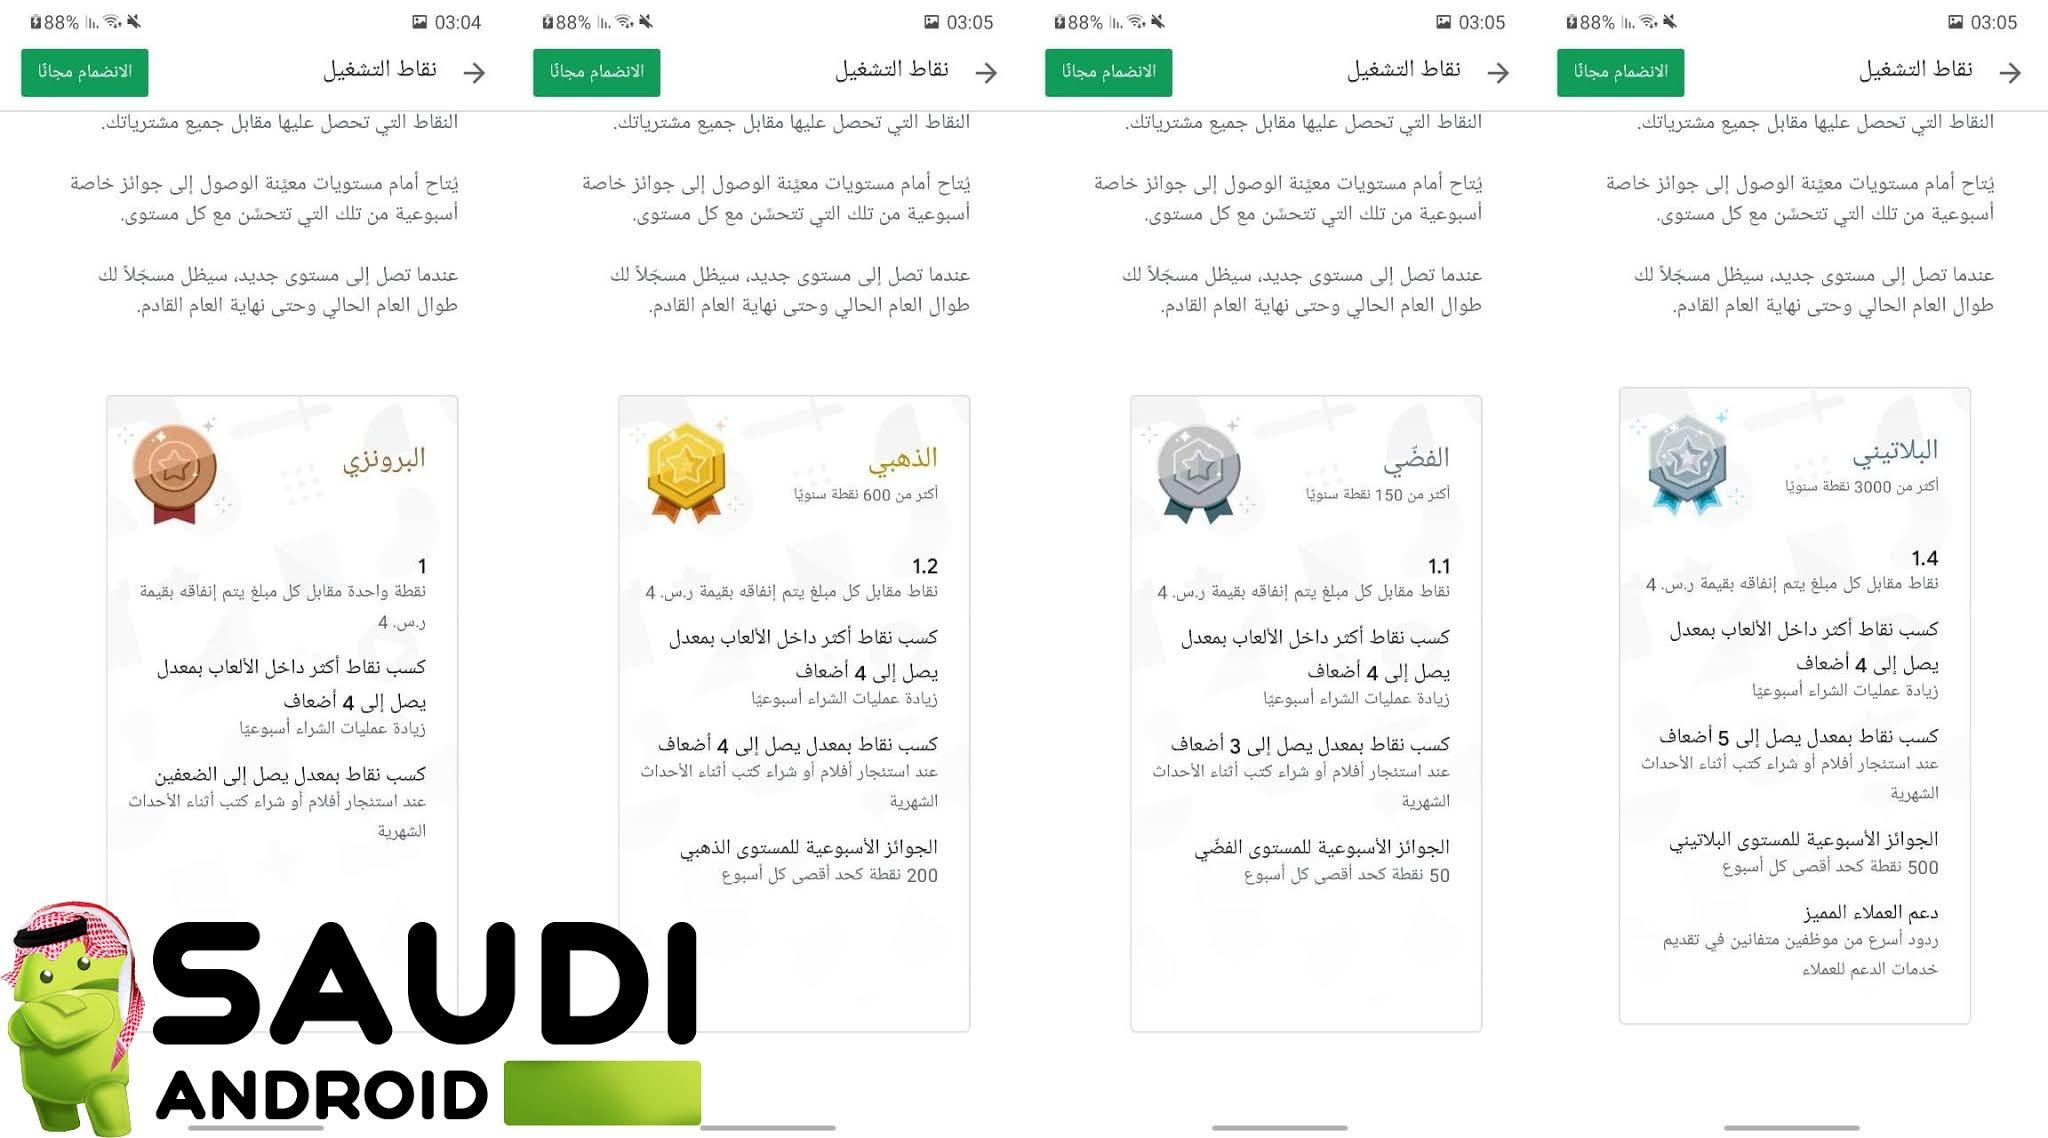 """نقاط قوقل بلاي """"Google Play Points"""" تصل السعودية وبلدان عربية أخرى"""